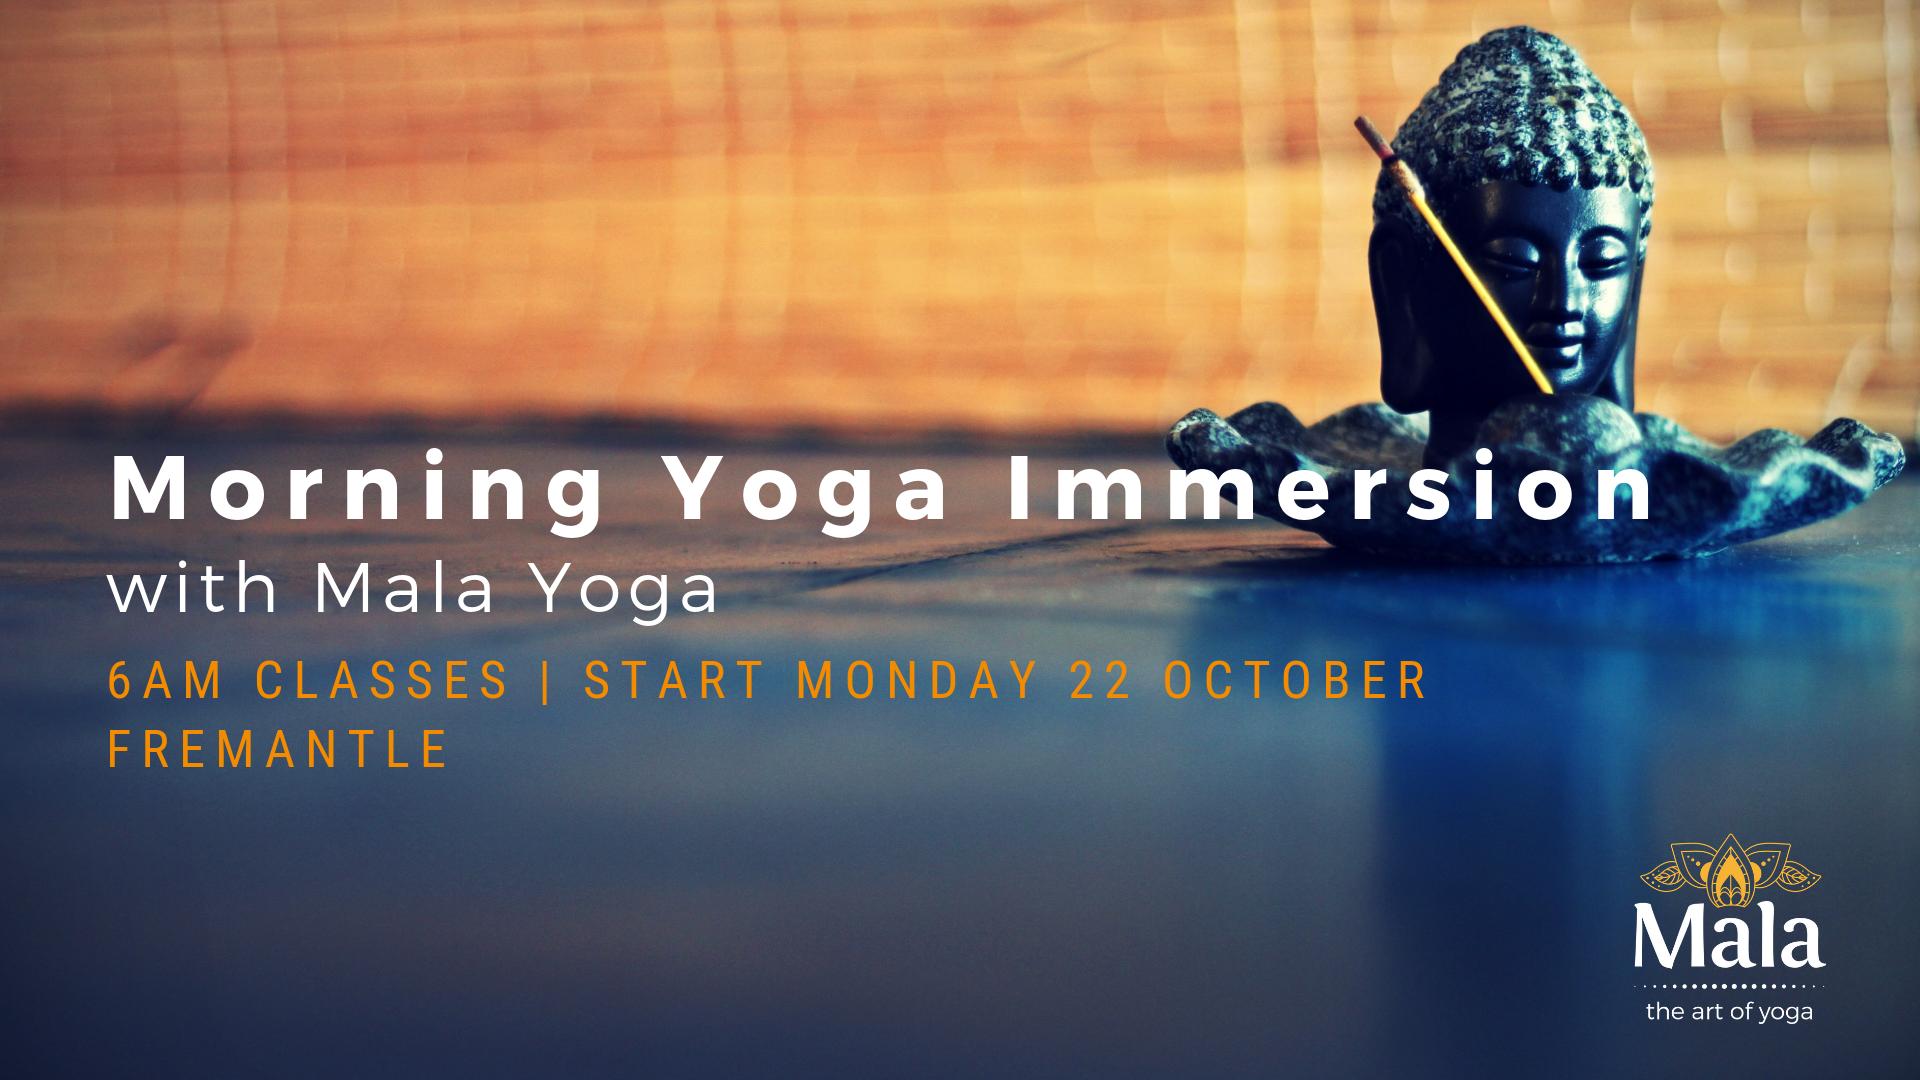 Mala Yoga Morning Yoga Immersion October 2018